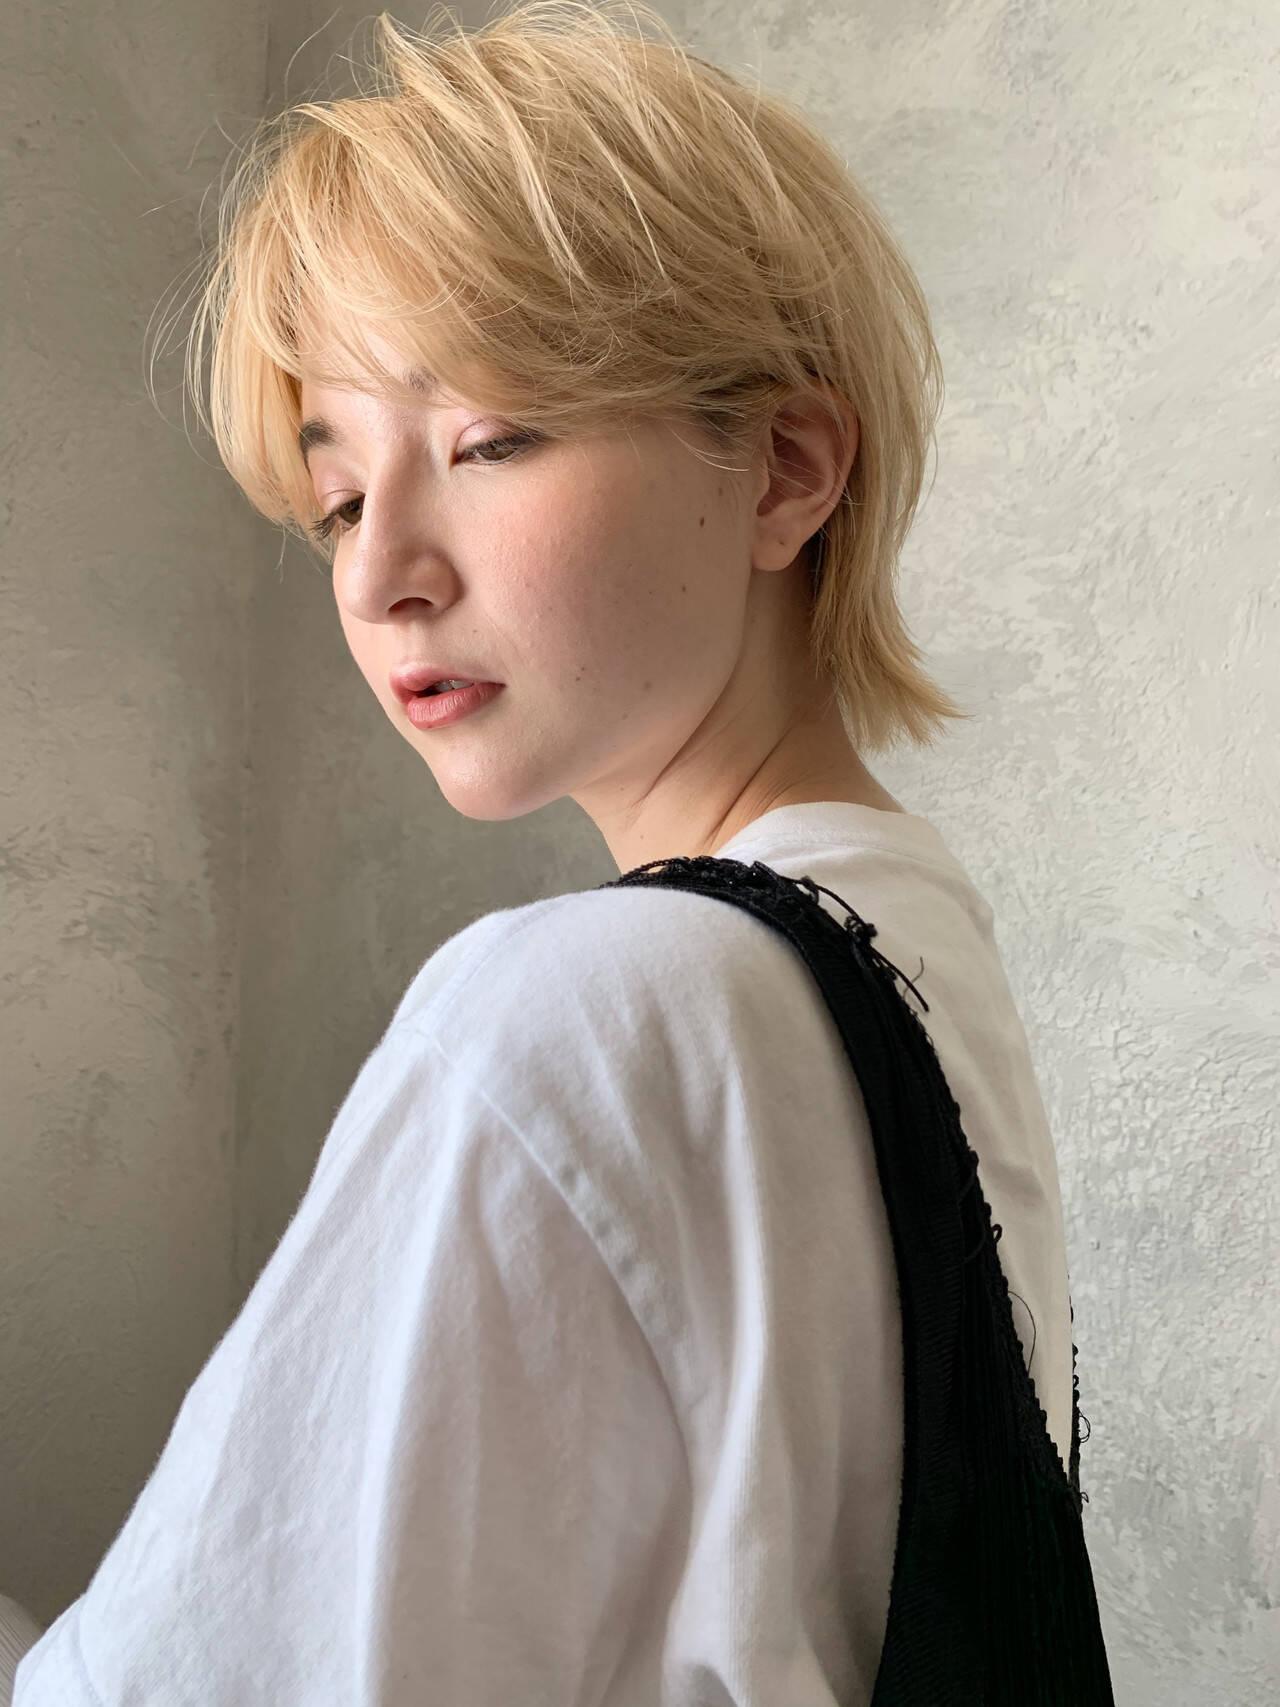 ショートヘア ウルフ女子 ナチュラル ウルフカットヘアスタイルや髪型の写真・画像